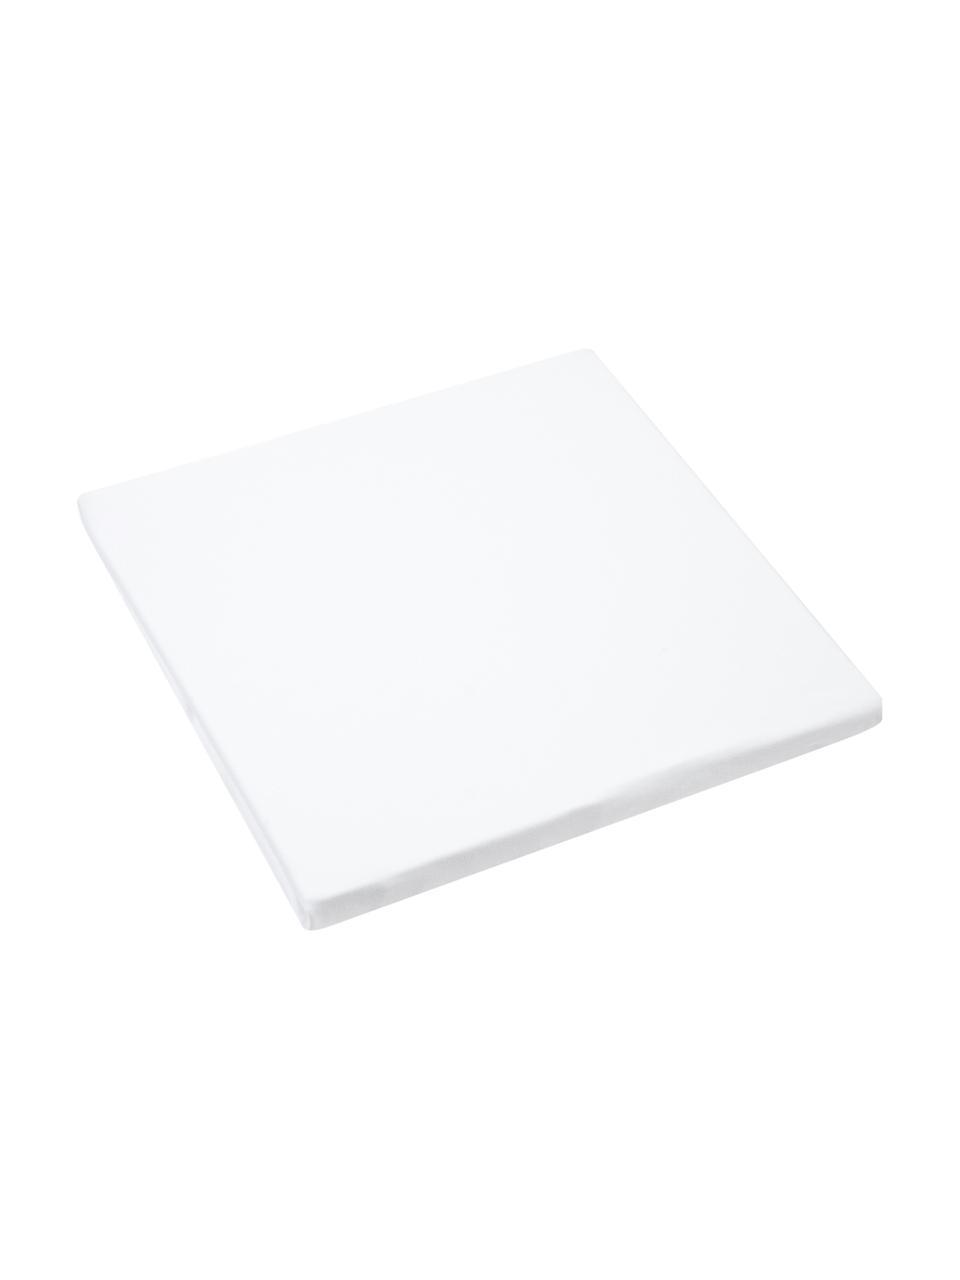 Topper-Spannbettlaken Lara, Jersey-Elasthan, 95% Baumwolle, 5% Elasthan, Weiß, 160 x 200 cm